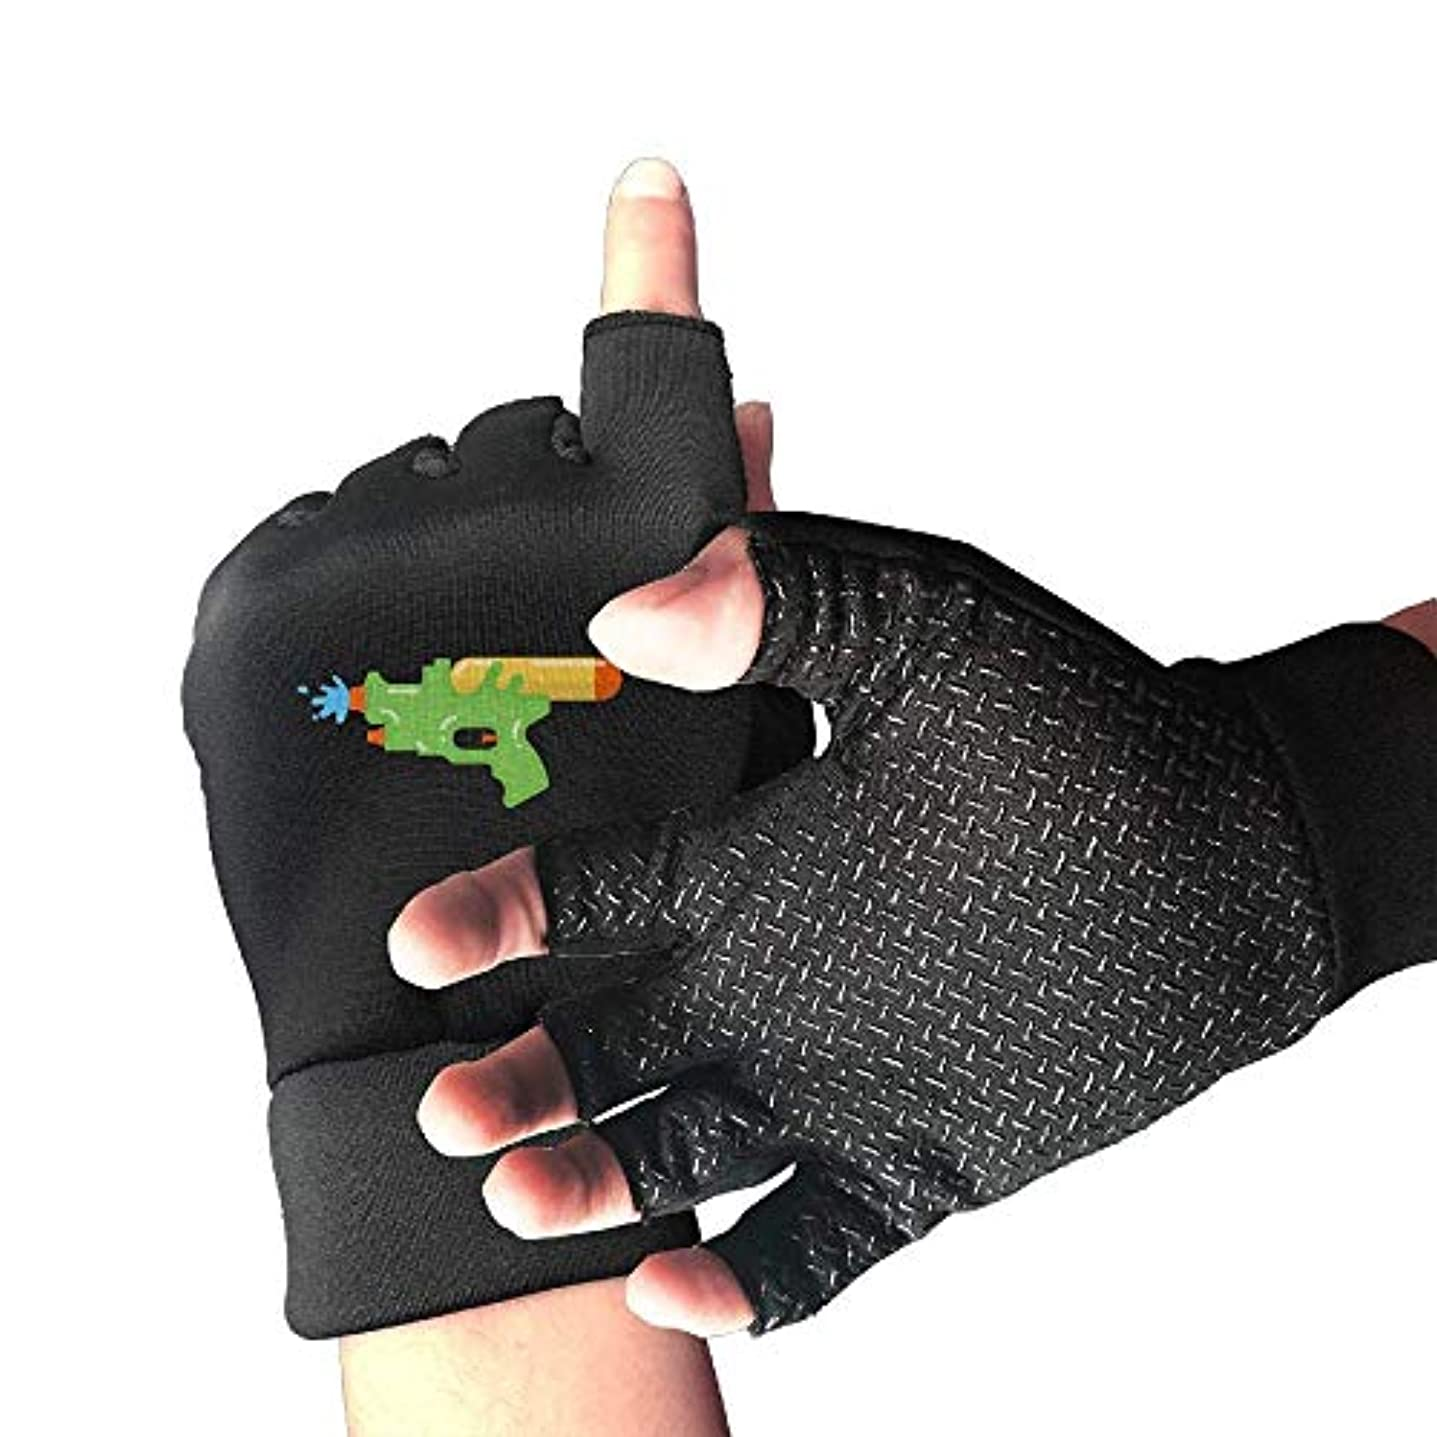 予防接種制約スライスCycling Gloves Toys Water Gun Men's/Women's Mountain Bike Gloves Half Finger Anti-Slip Motorcycle Gloves